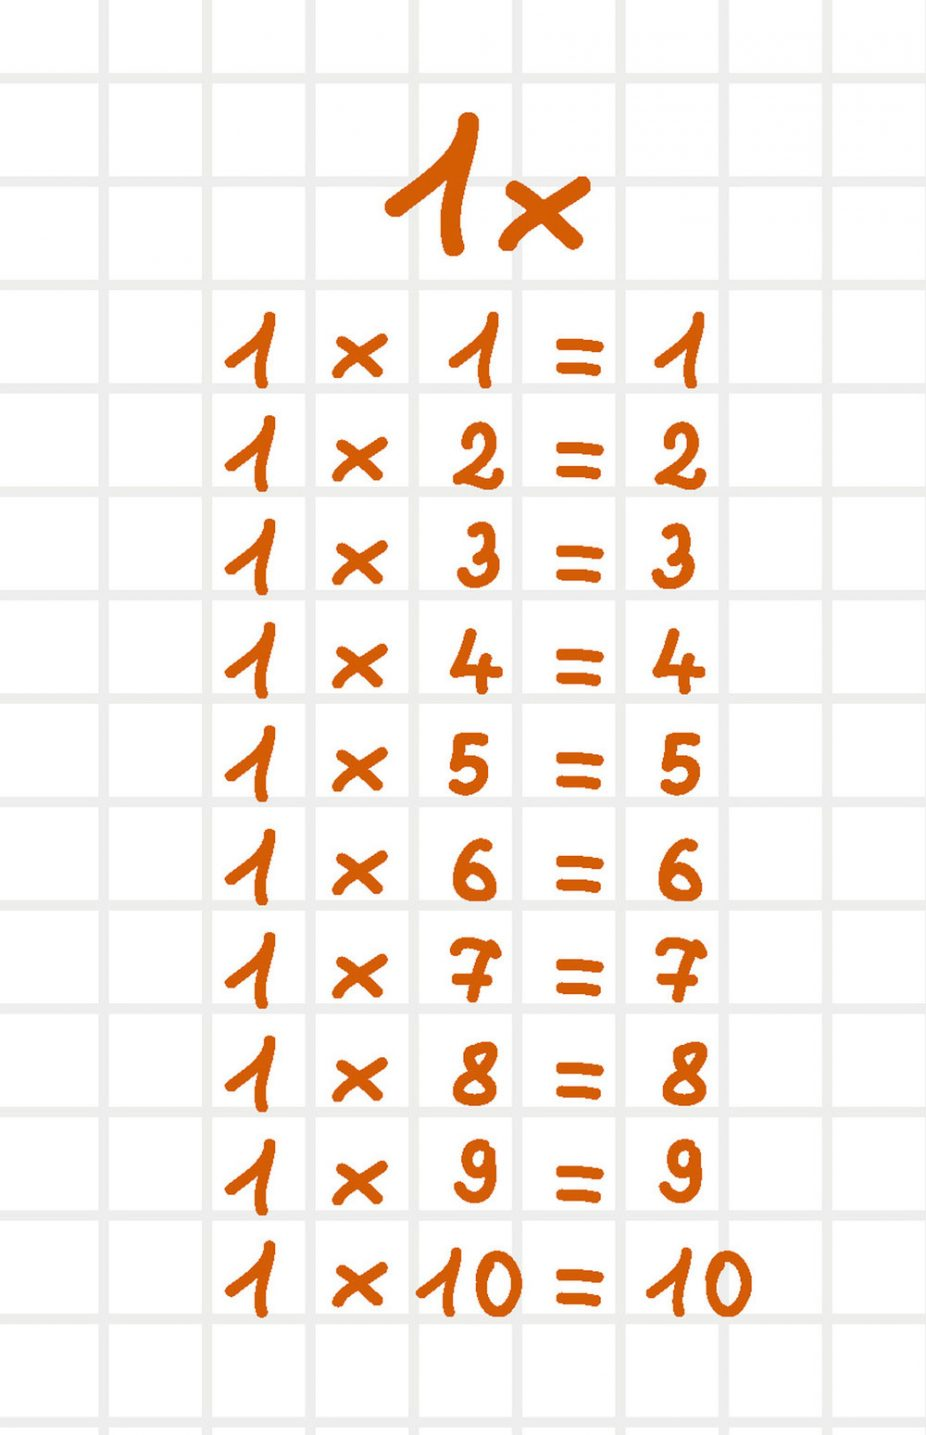 Tabela de multiplicação